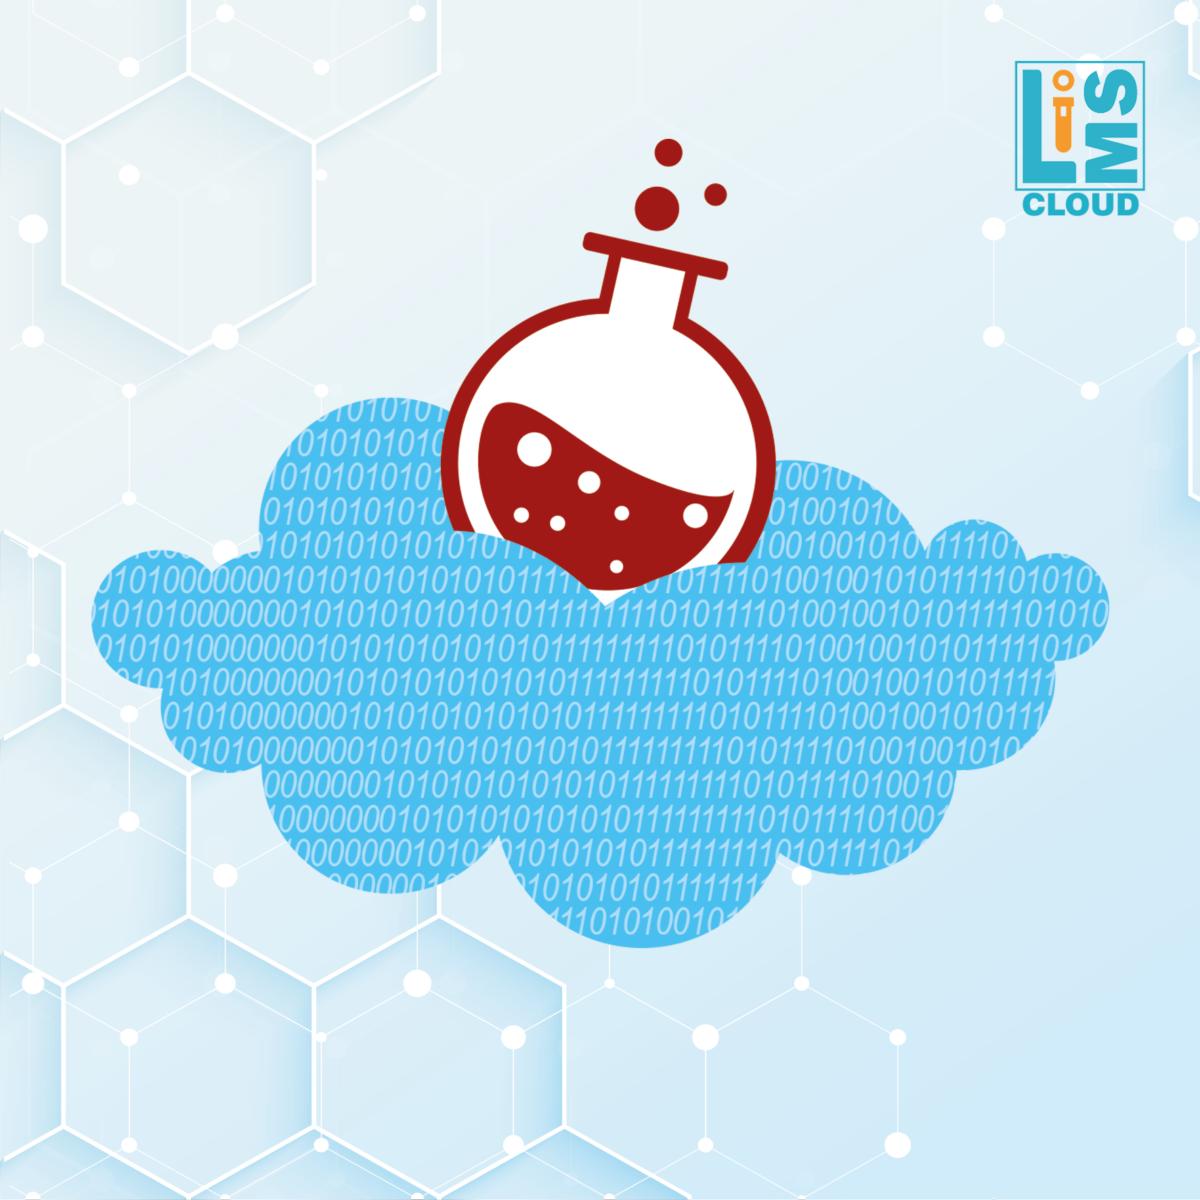 سرویس ابری خدمات آزمایشگاهی شرکت بهپردازجهان شروع به کار کرد